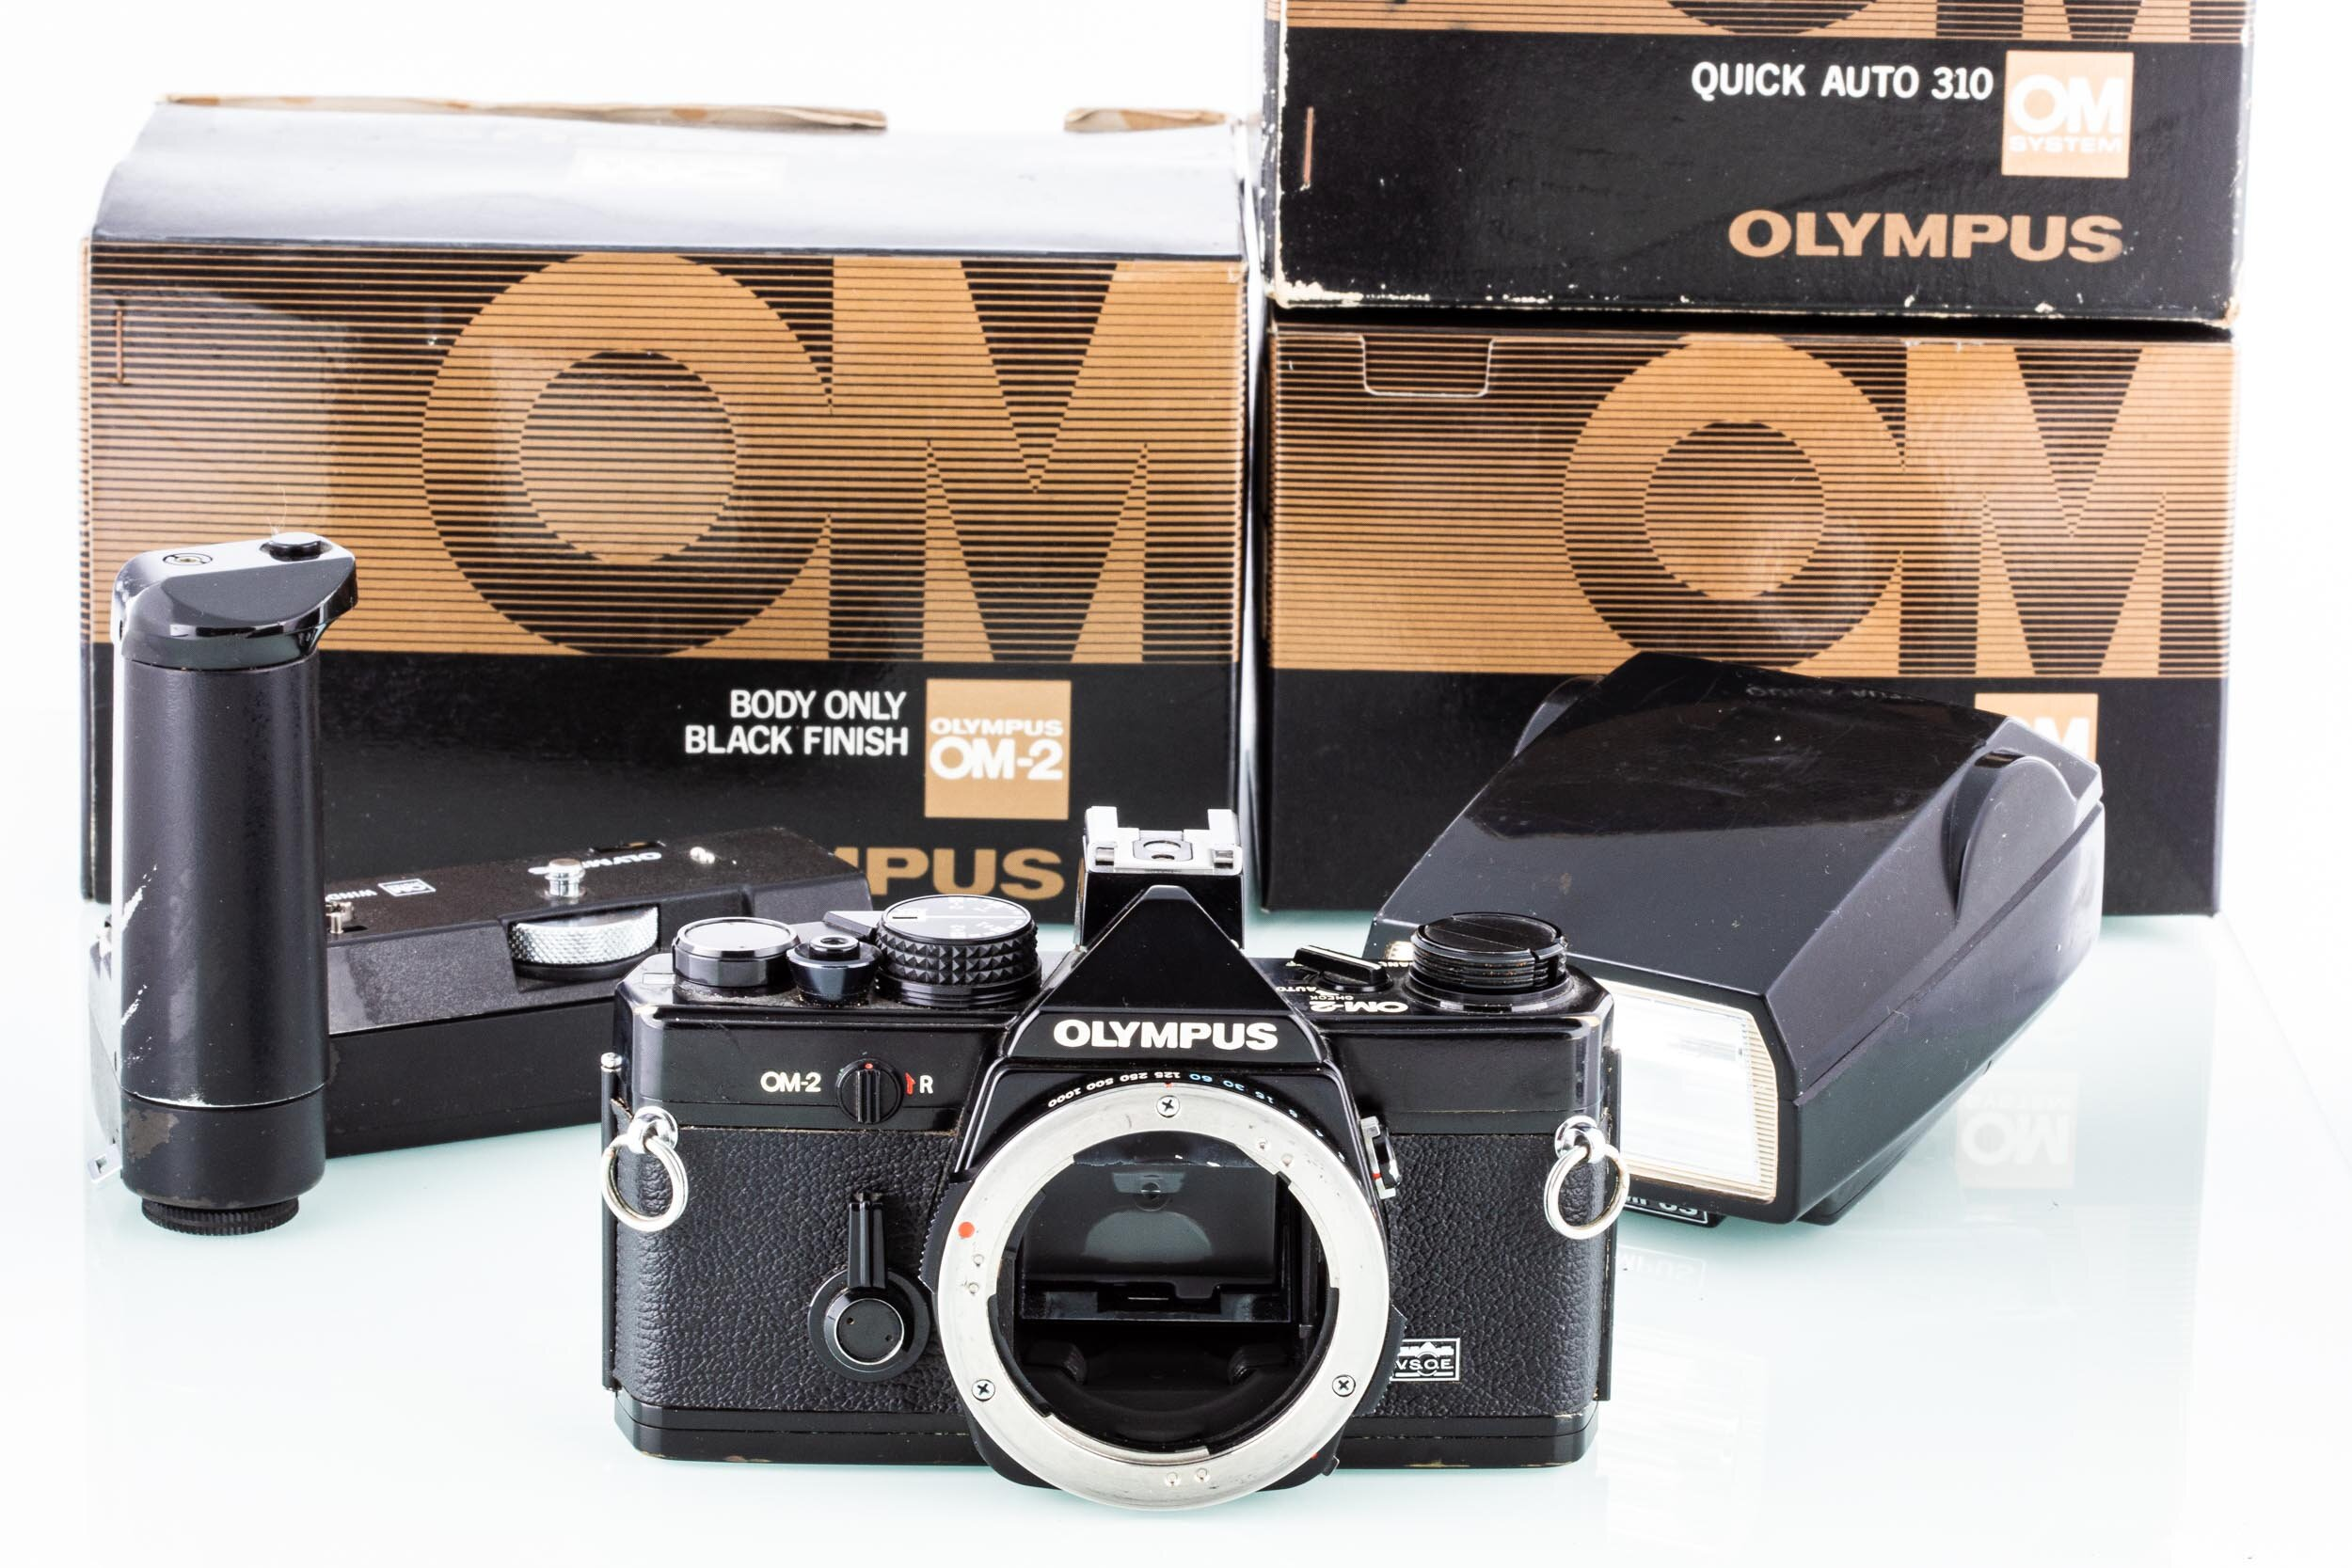 Olympus OM-2 + Winder 1 + Blitz schwarz